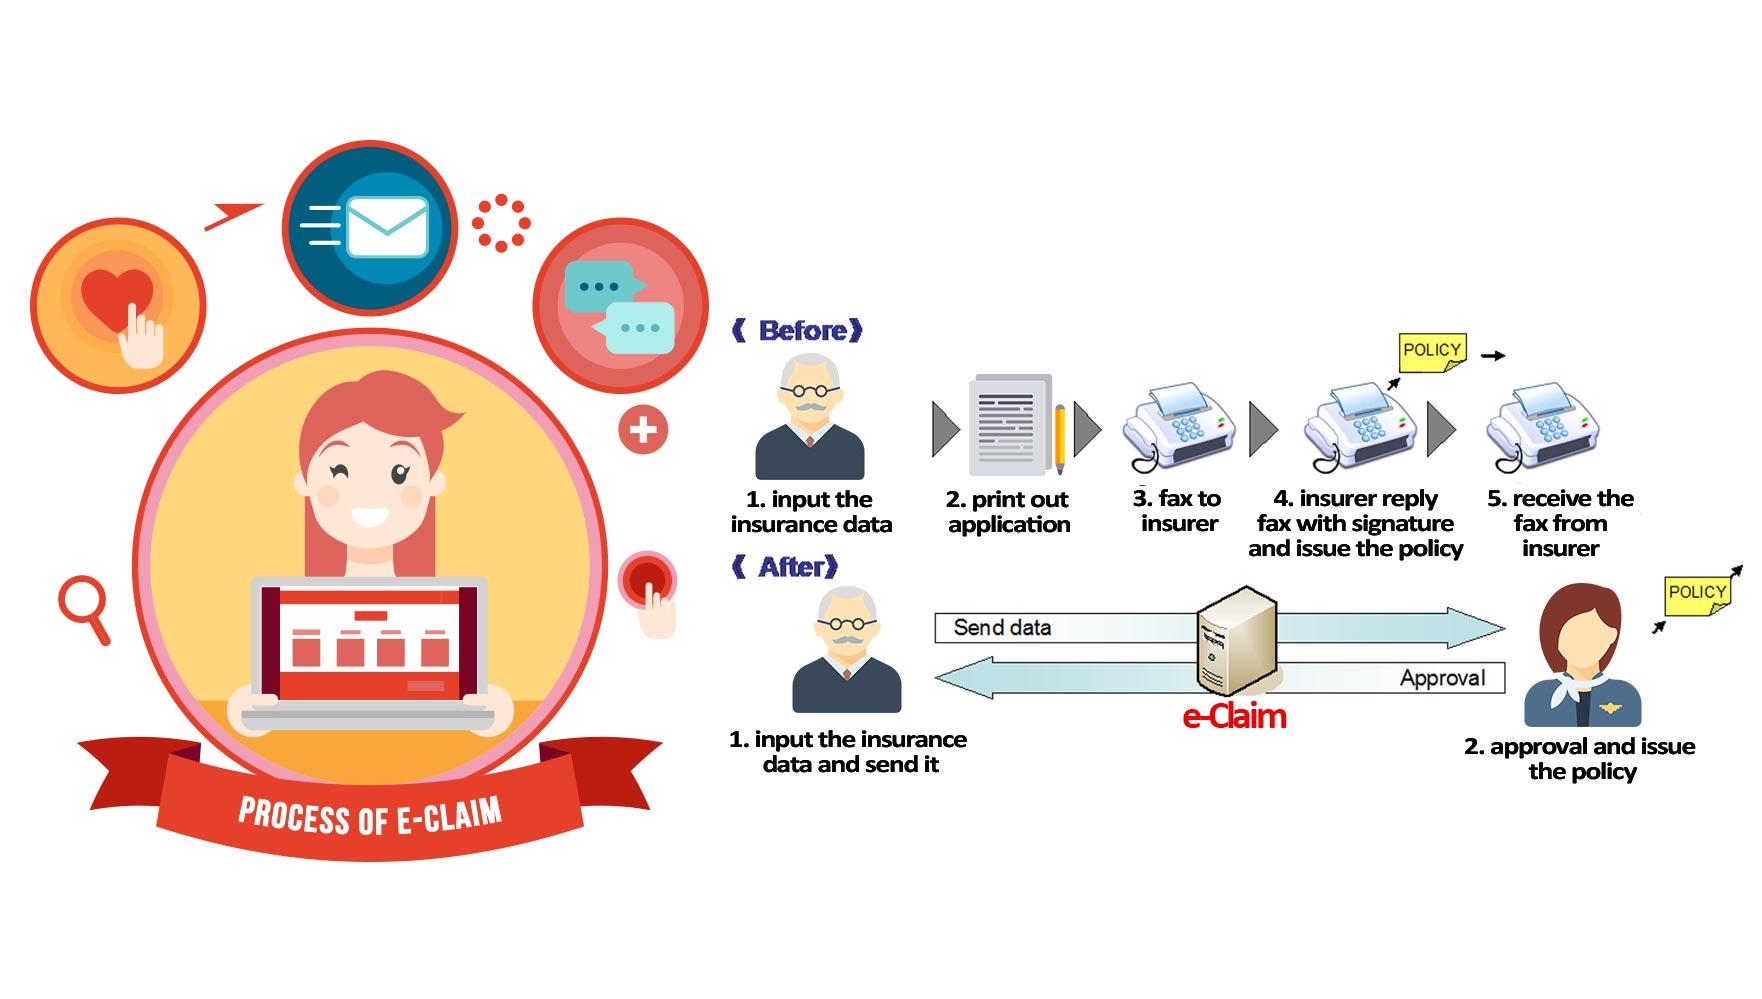 E-Claim | PT. Sompo Insurance Indonesia